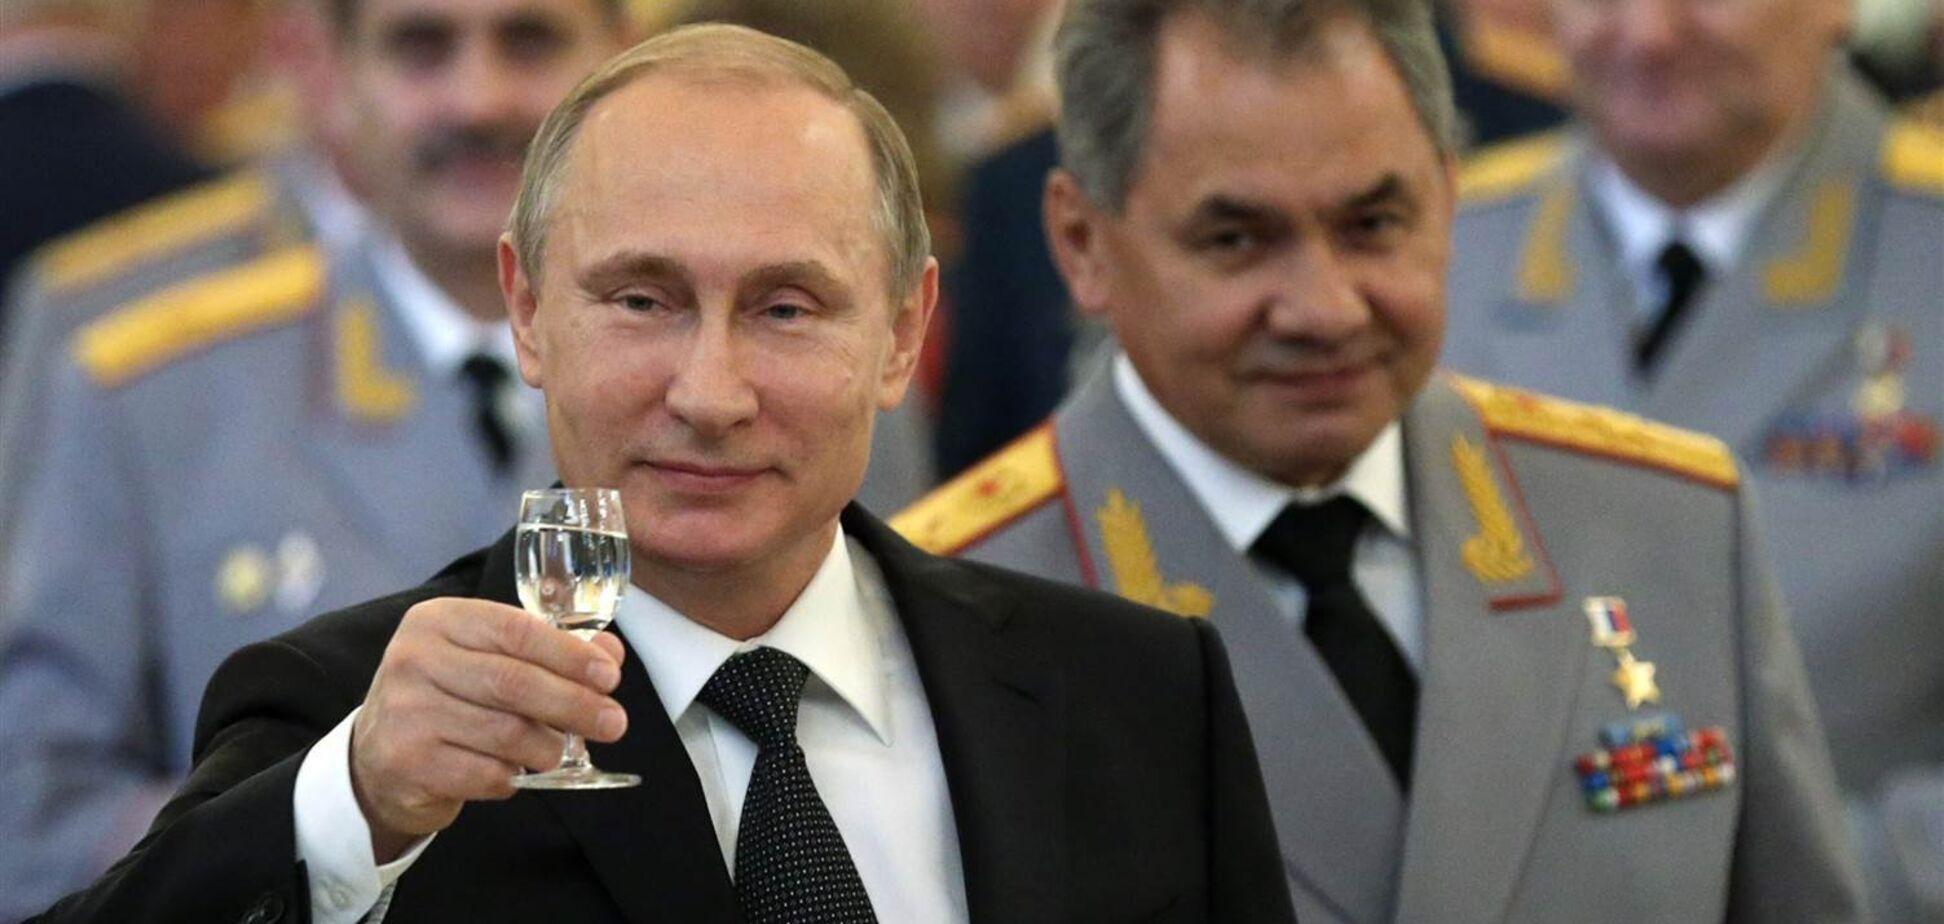 Путин собрался вводить чрезвычайное положение в РФ - Федоров